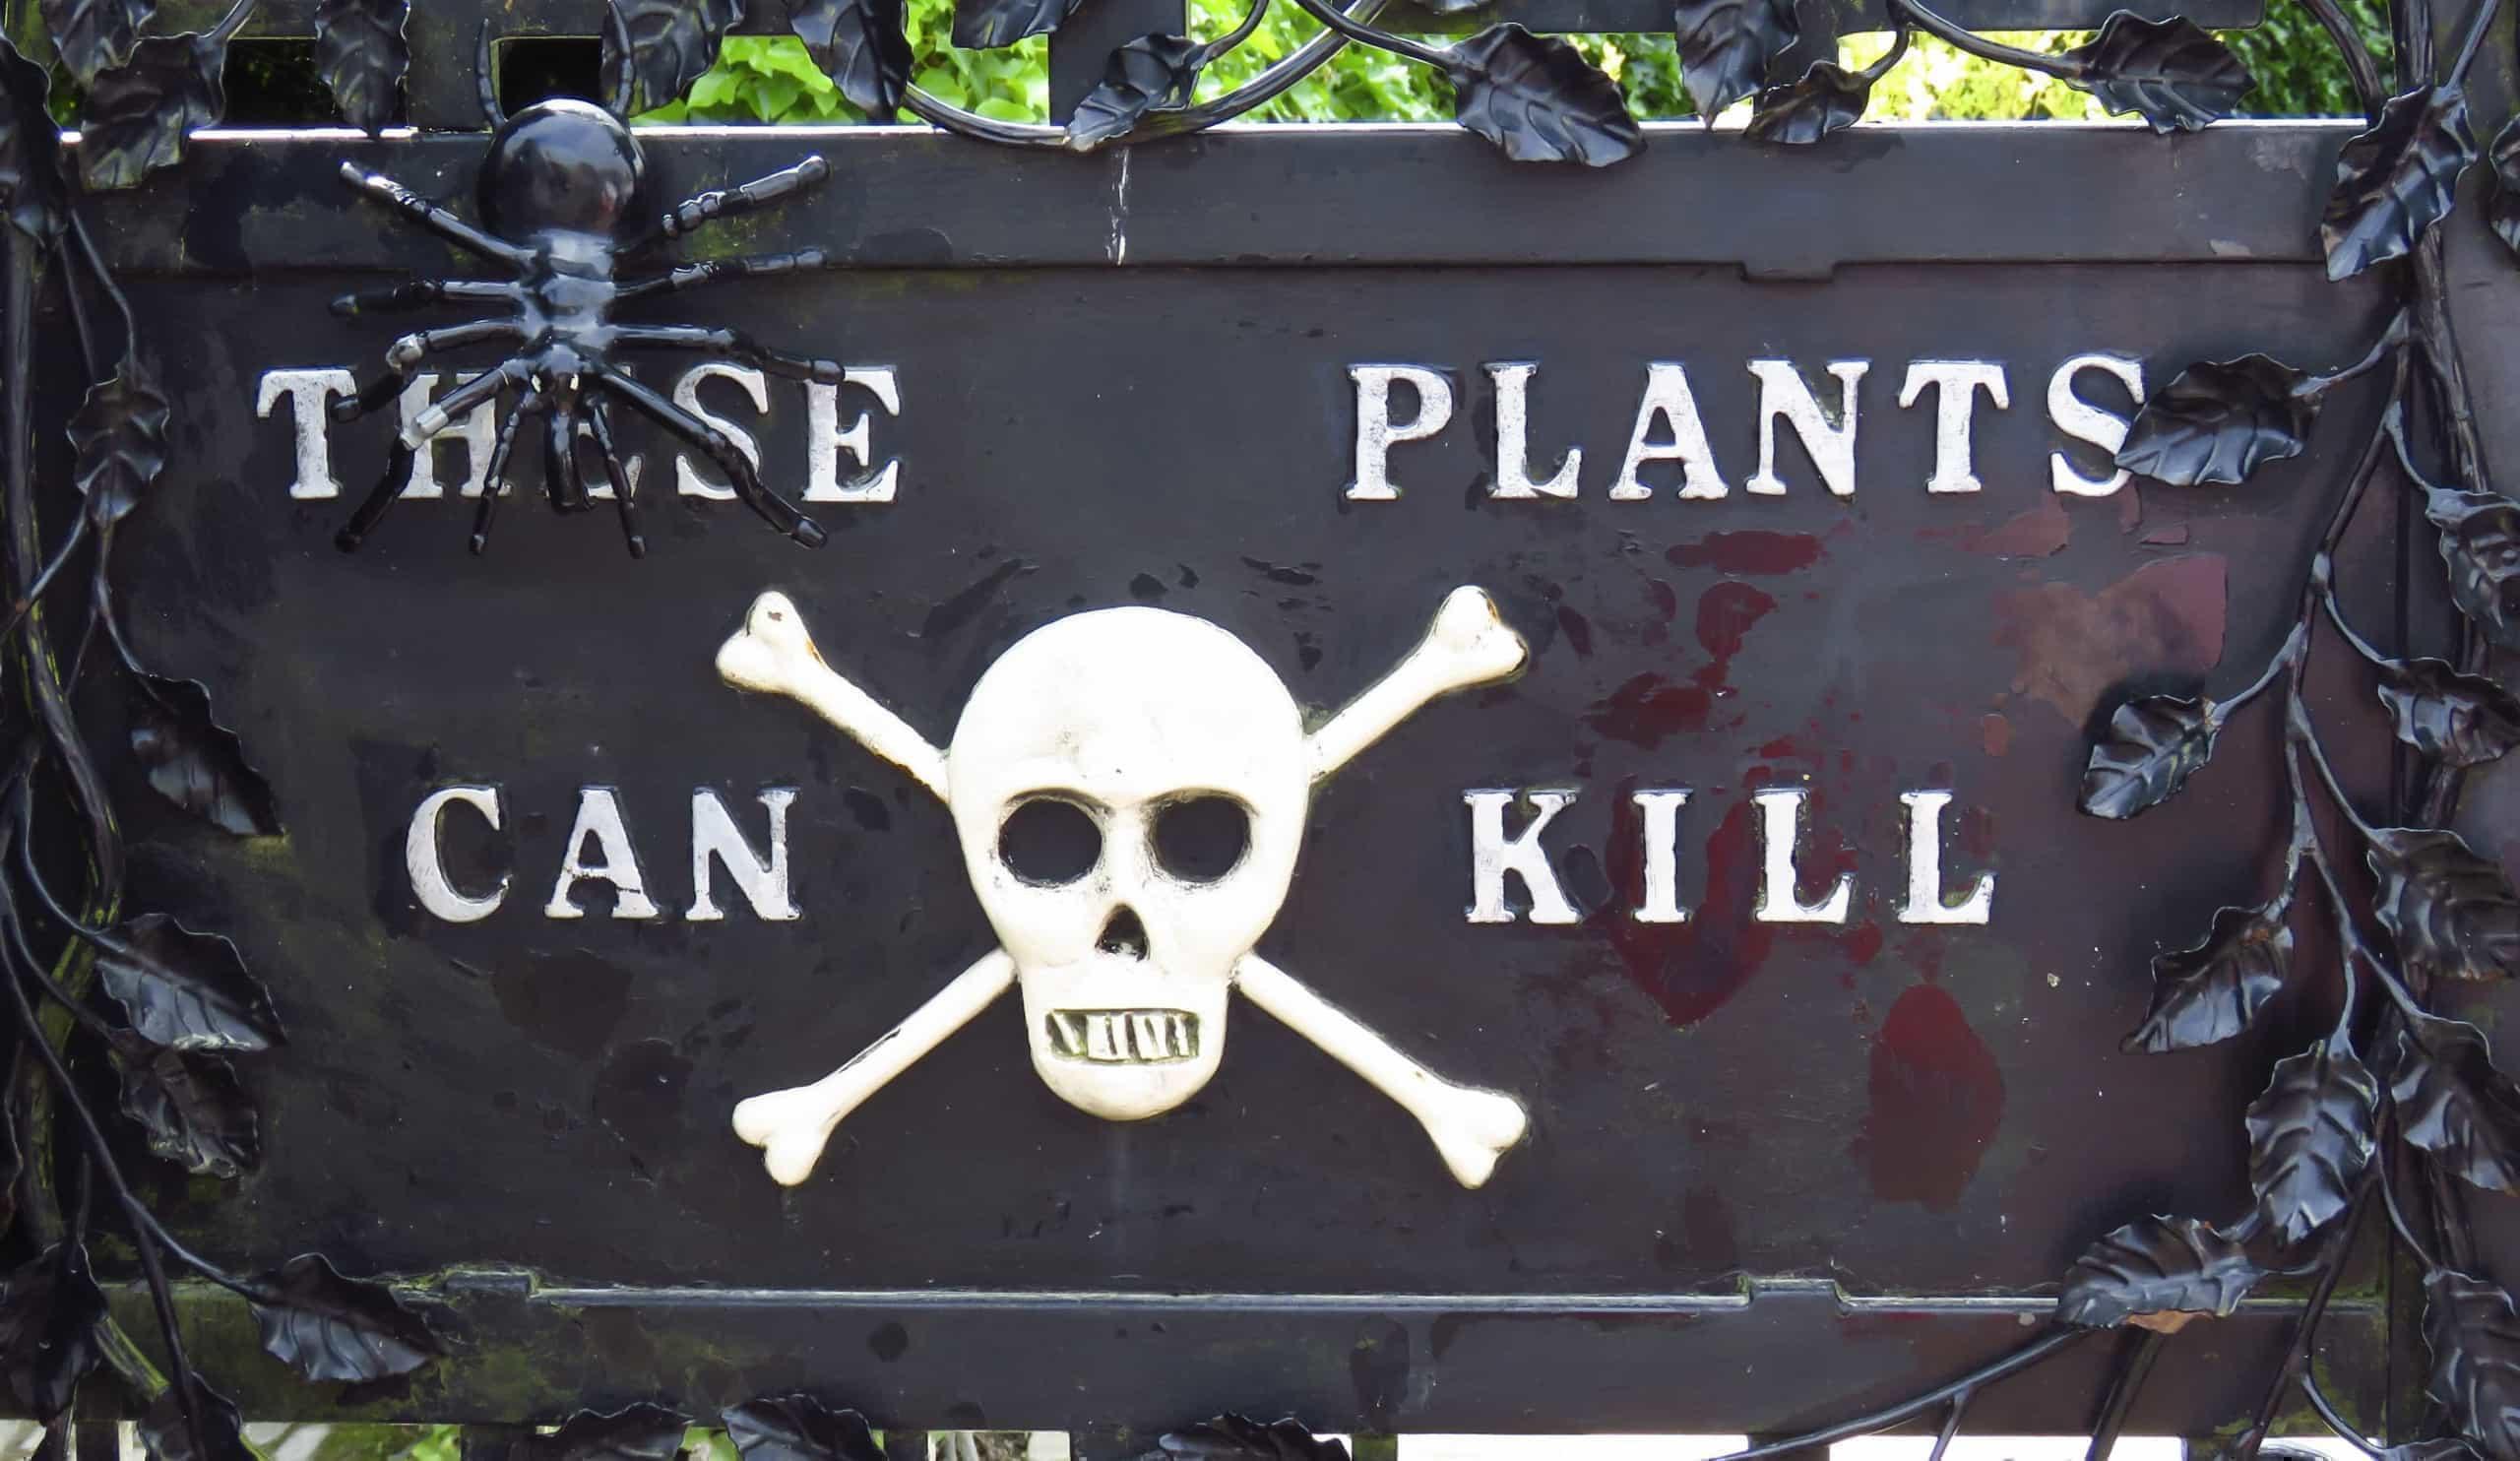 Atreva-se a entrar no jardim mais perigoso do mundo